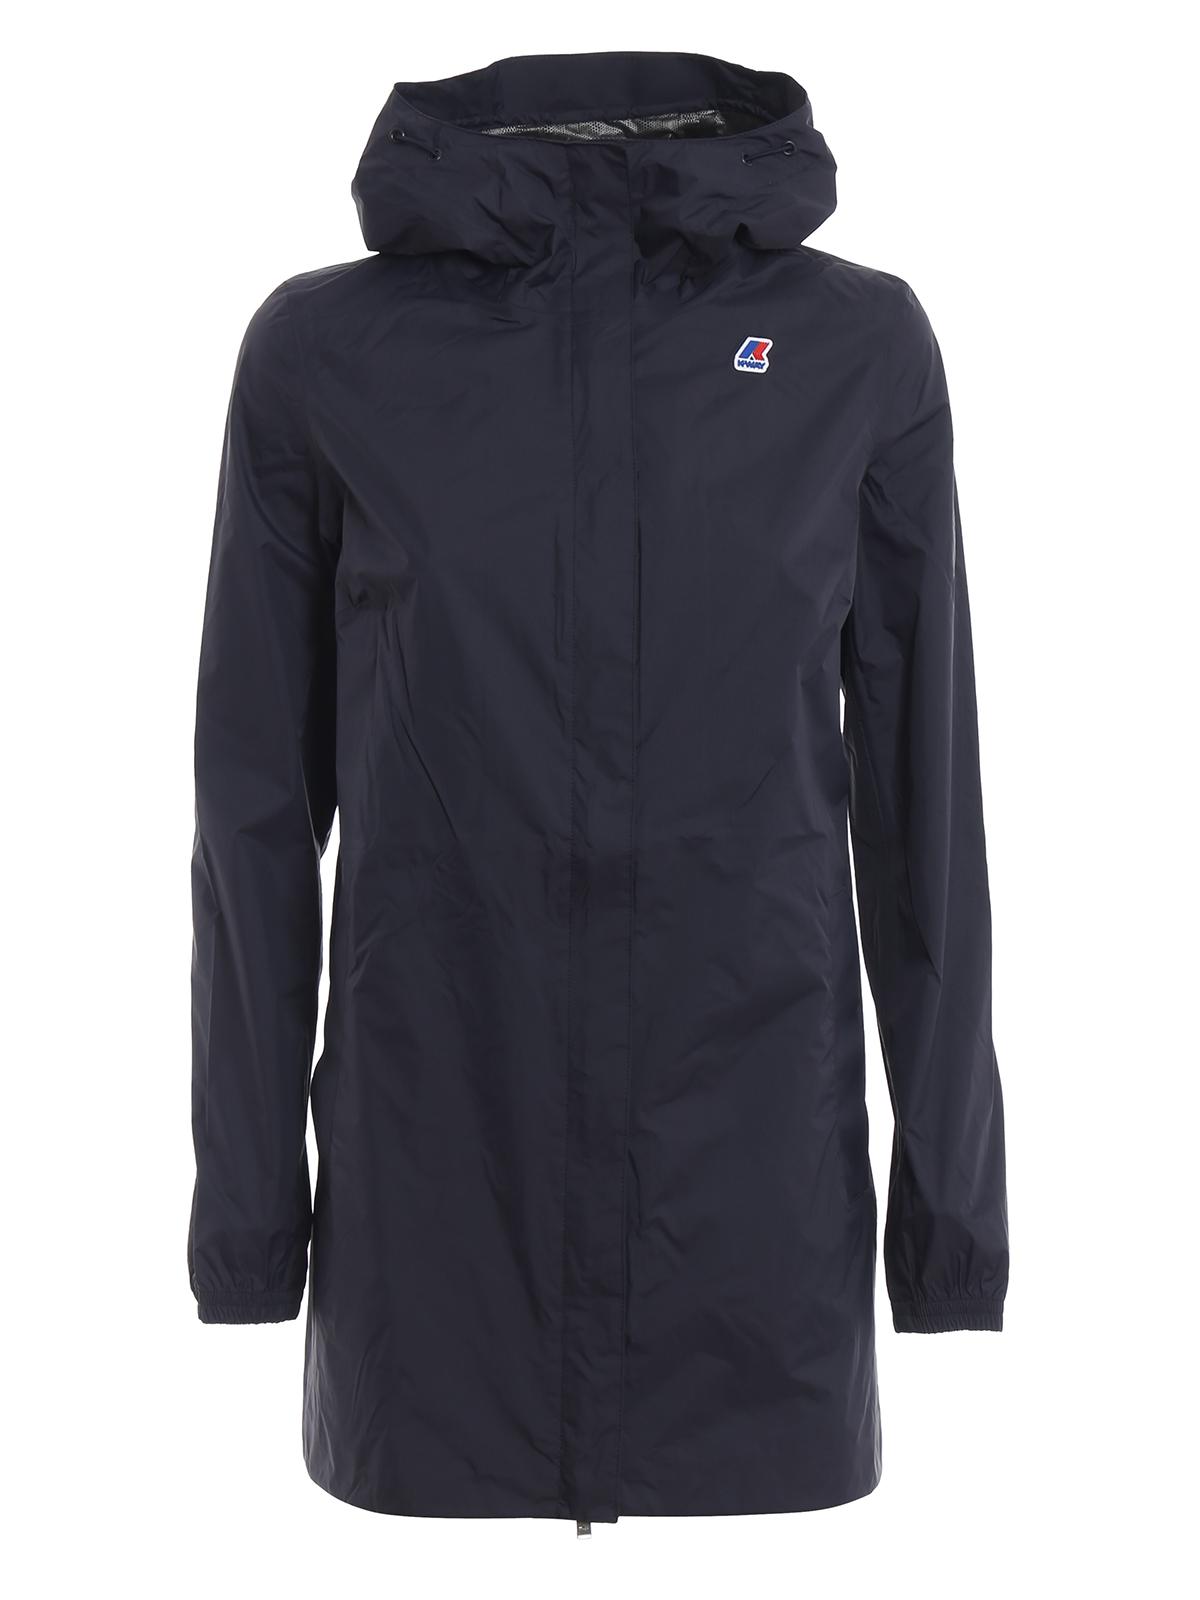 prezzo più basso 777dc 20d70 K-way - Giacca a vento Sophie Plus.Dot blu notte - giacche casual ...